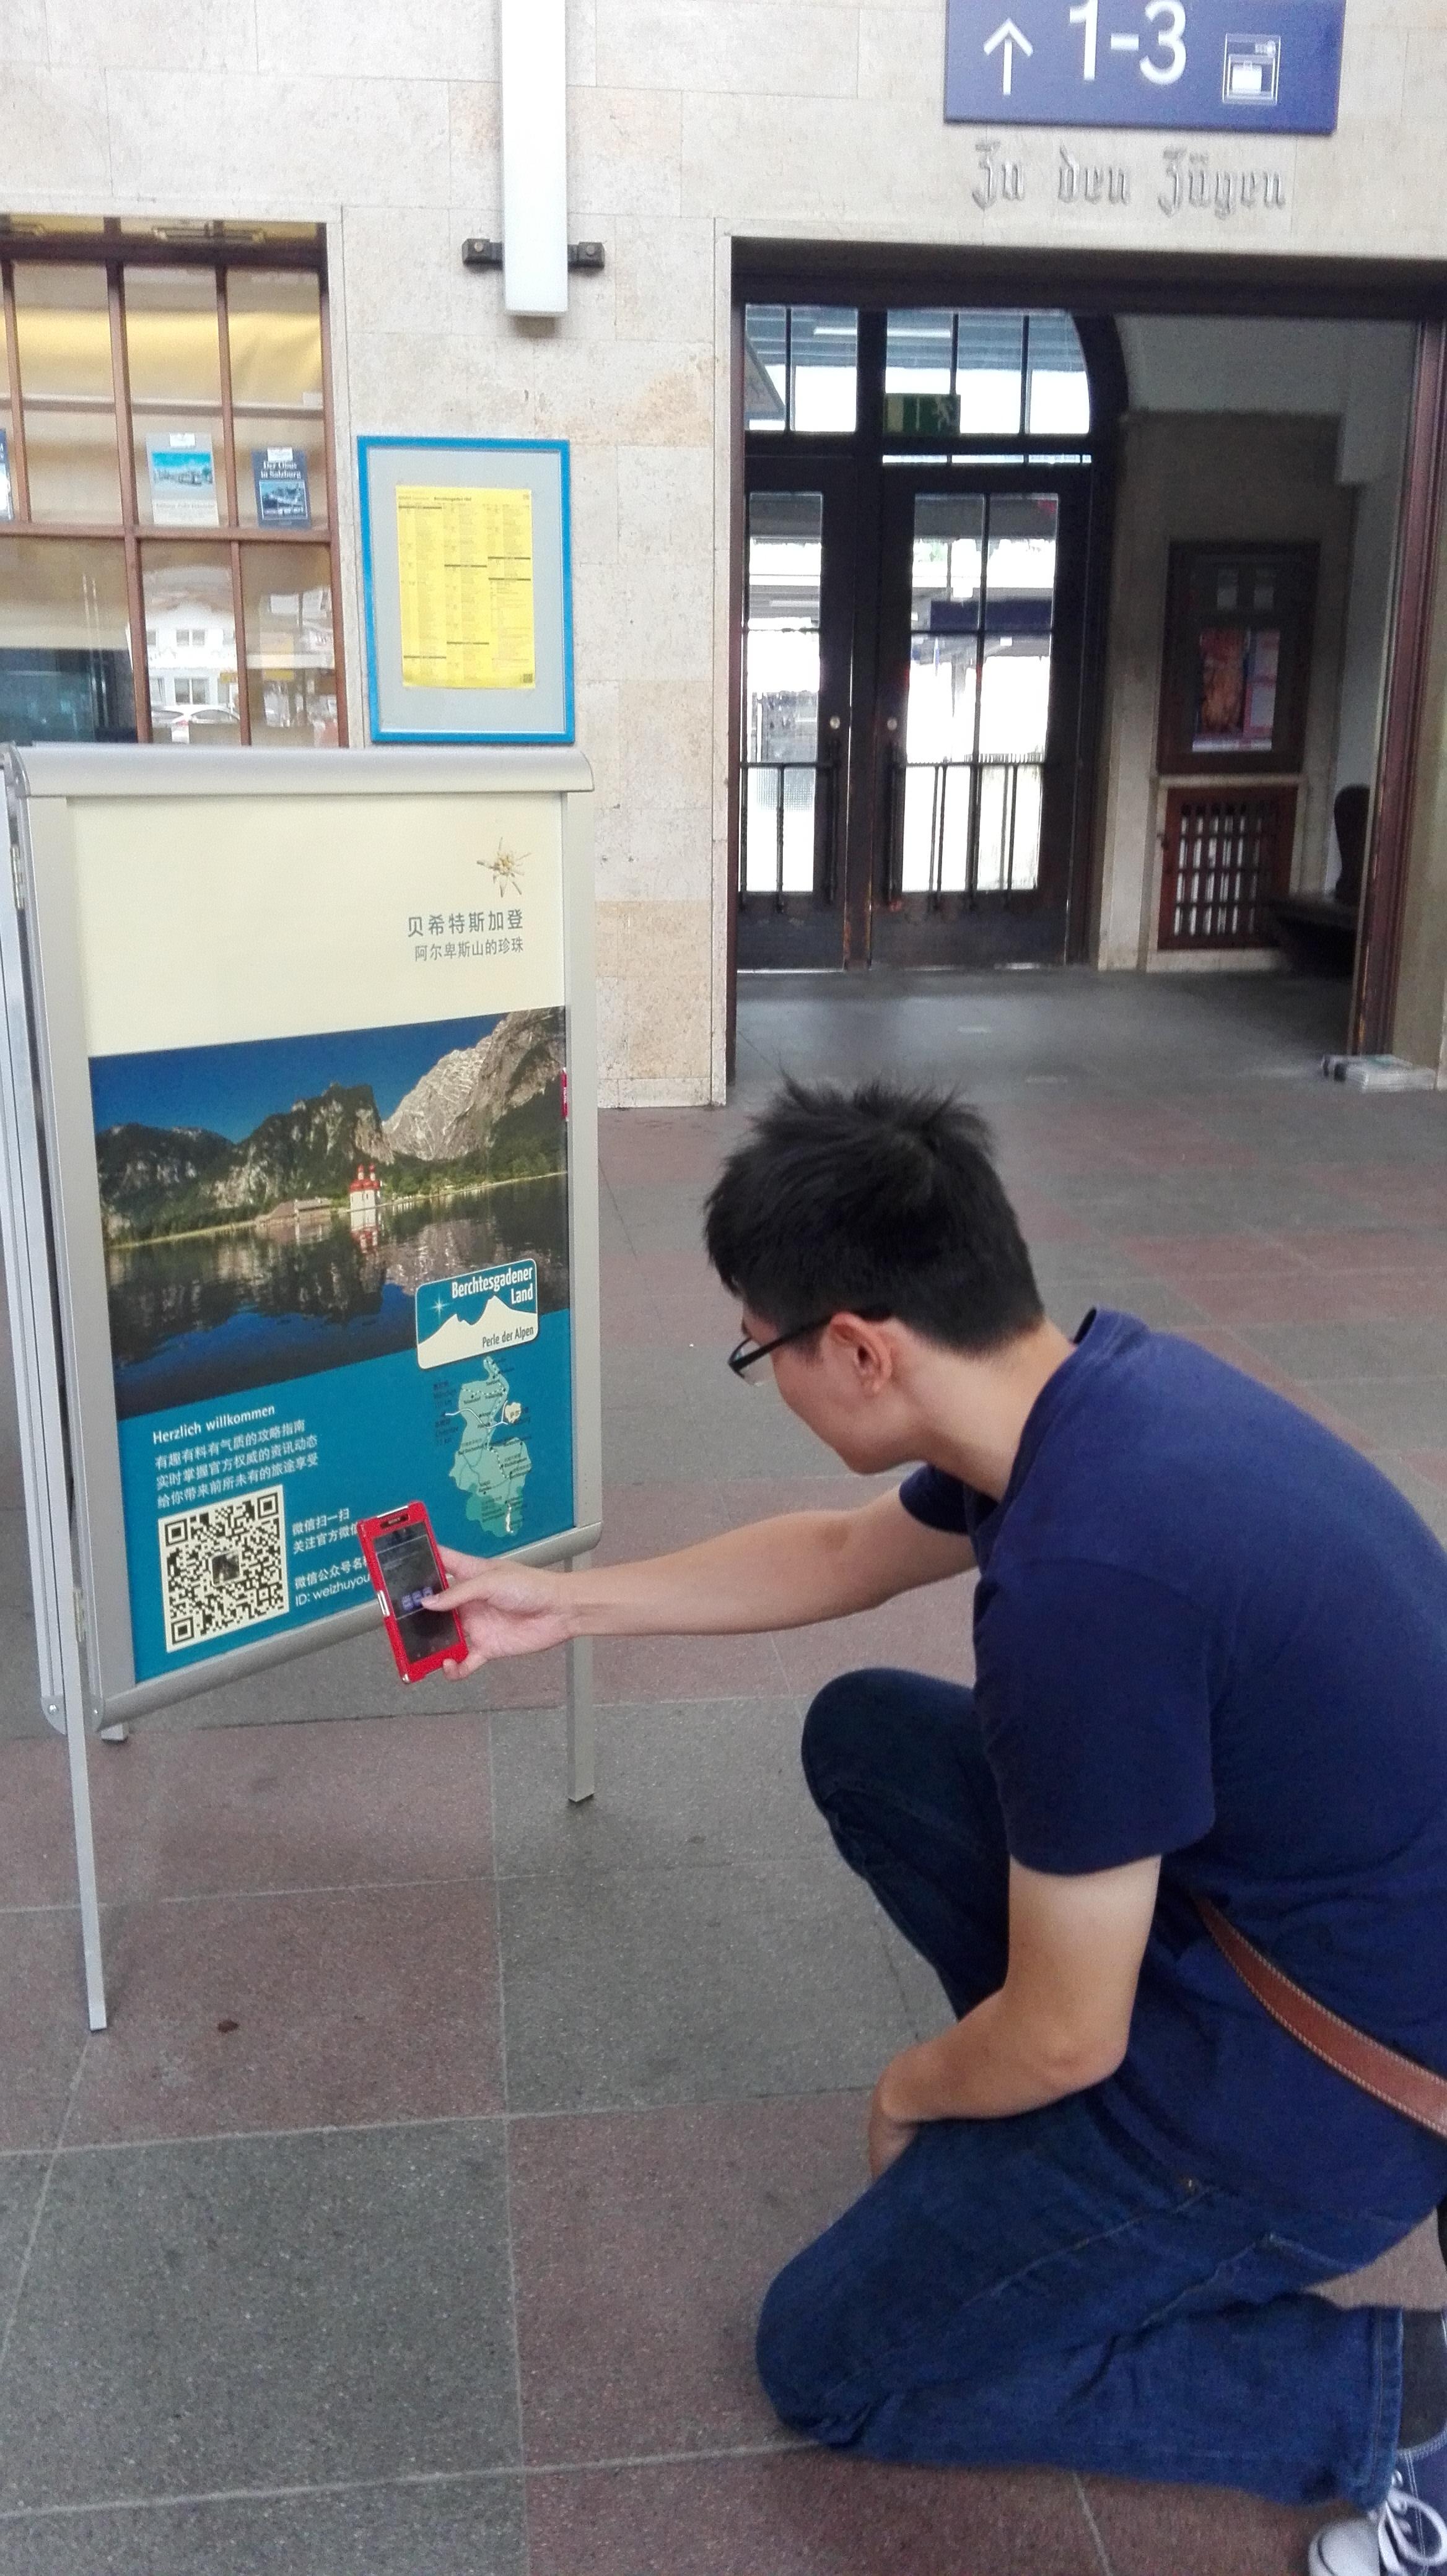 bglt-wechat-chinesischer-tourist